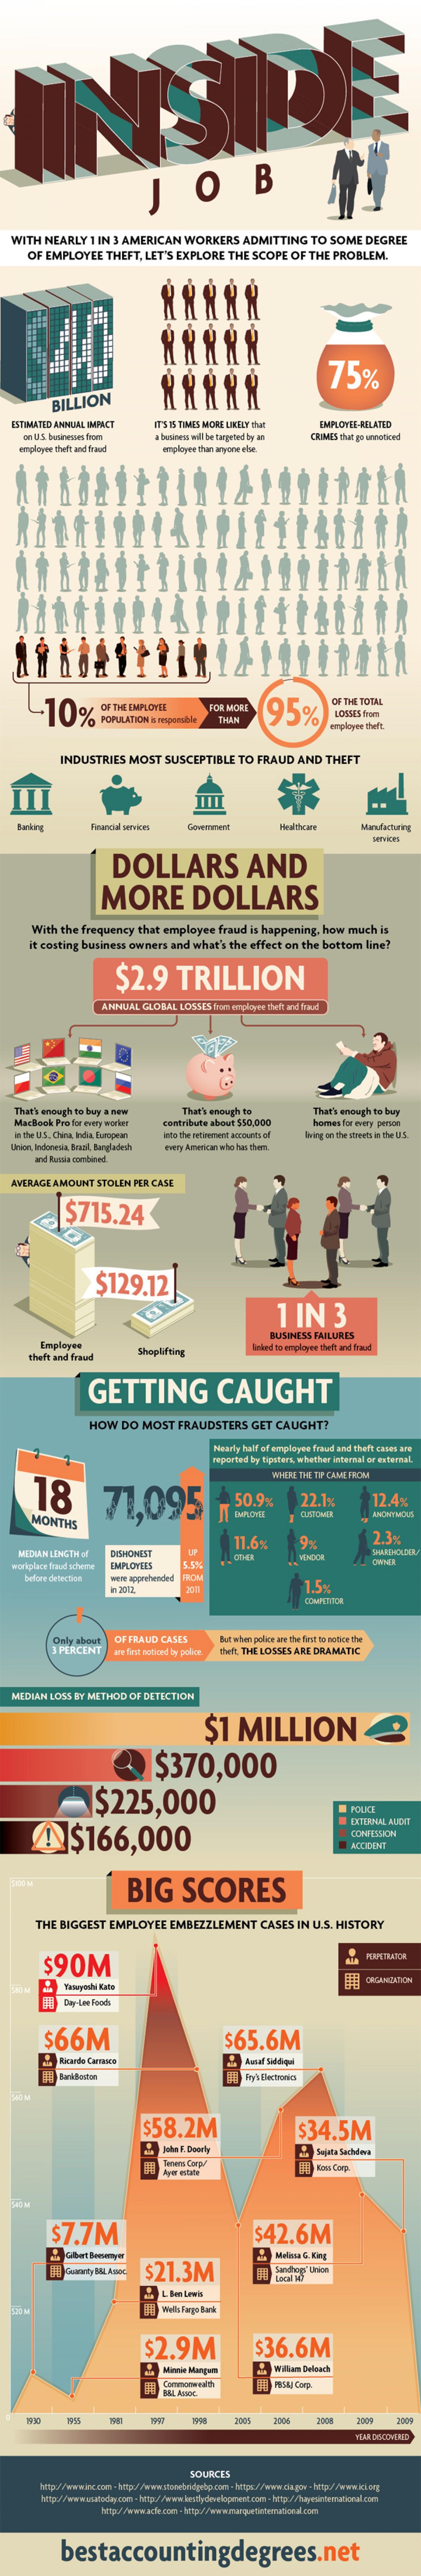 employee-theft-an-inside-job_5292a3b684364_w1500